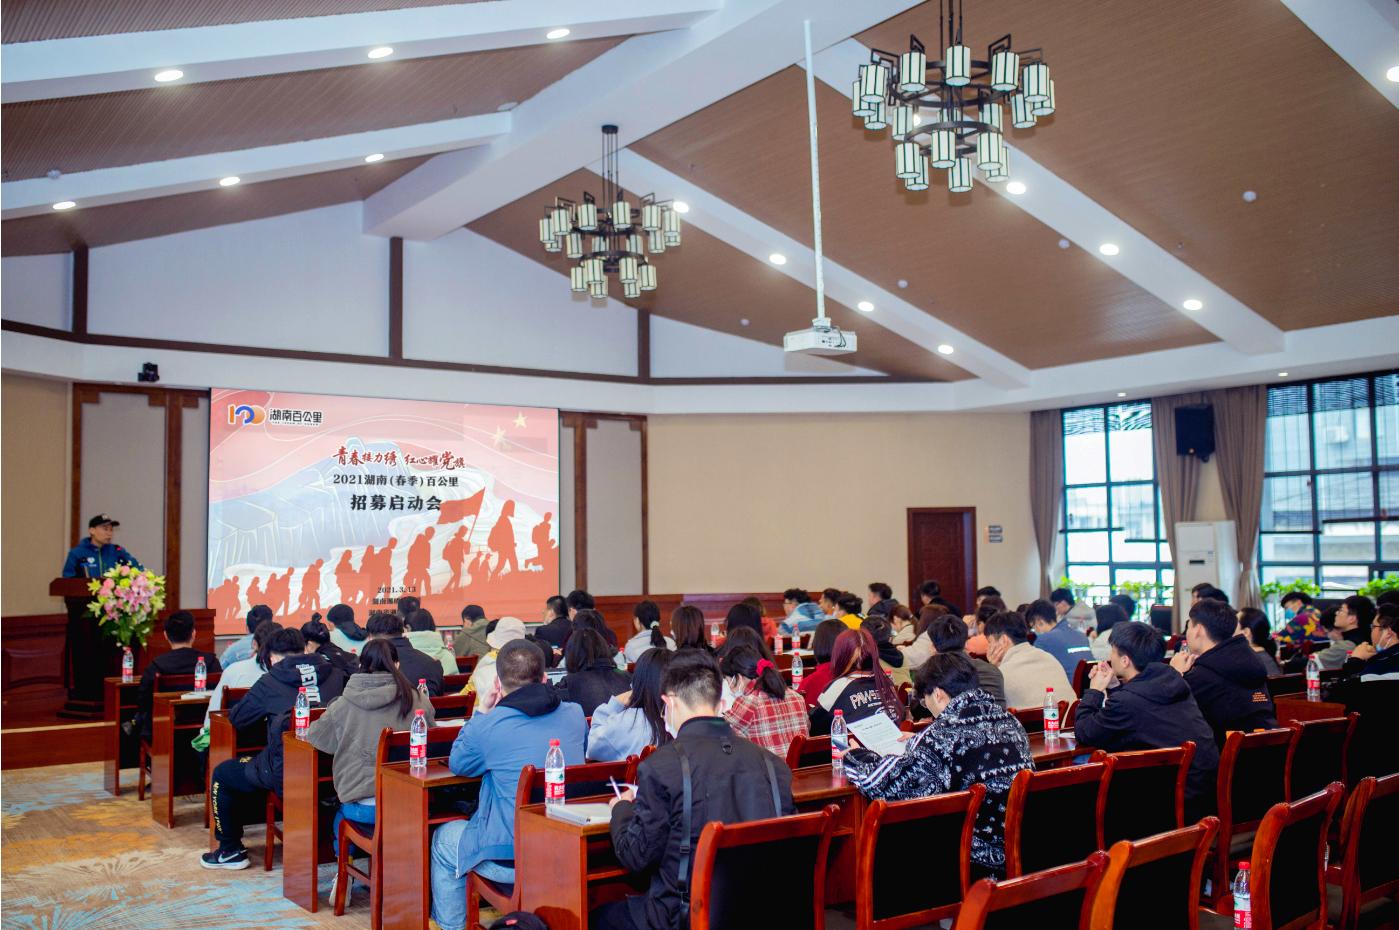 2021湖南(春季)百公里官宣:4月17-18日穿越长株潭